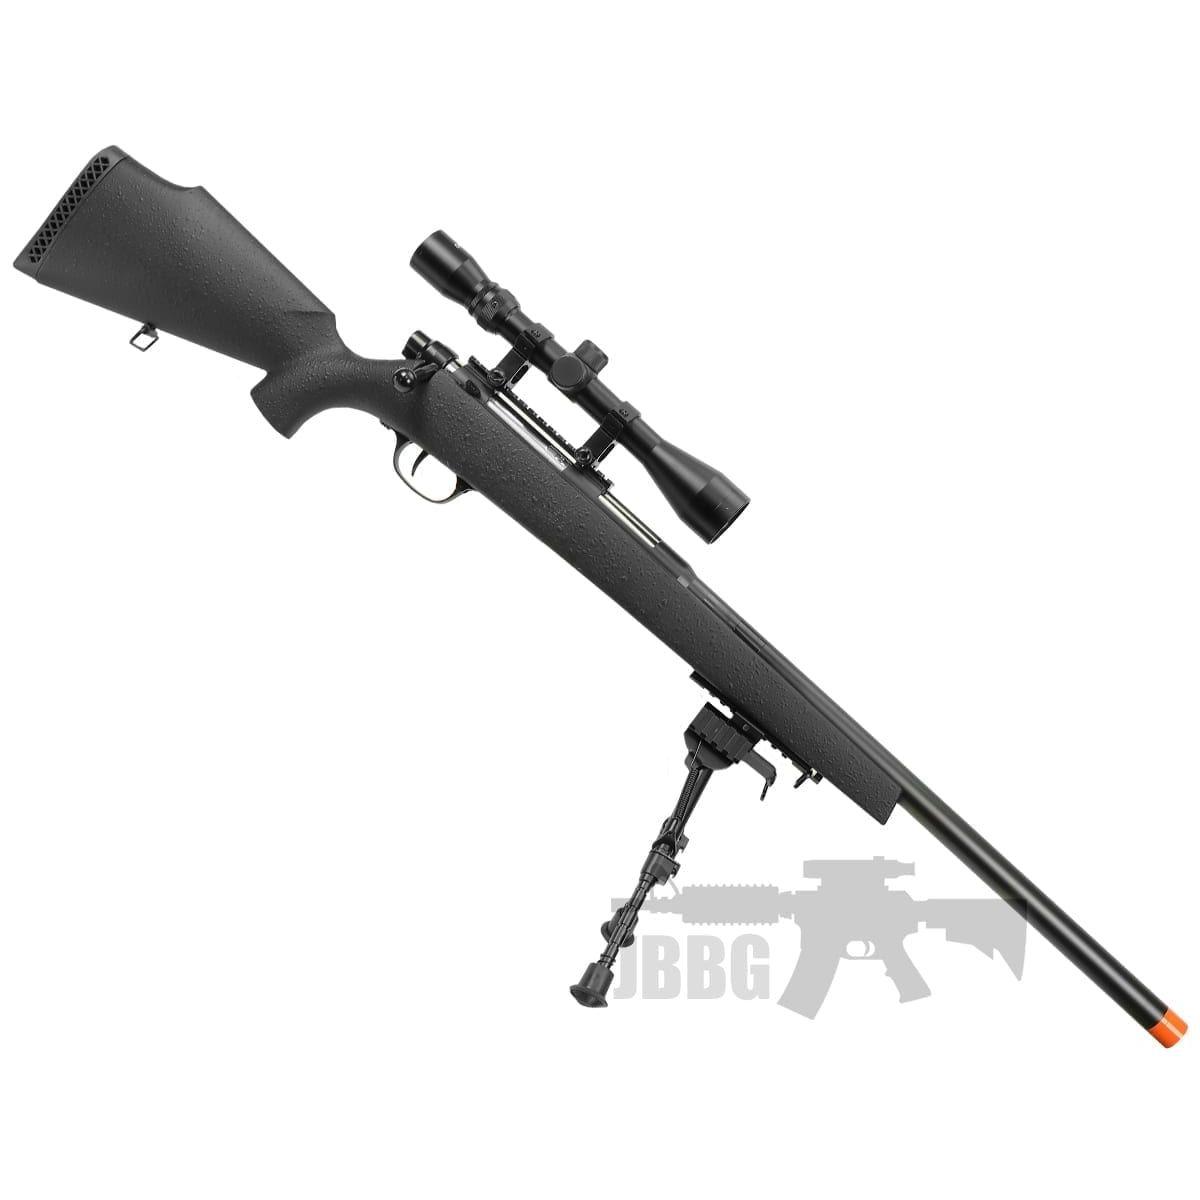 x9 pro rifle